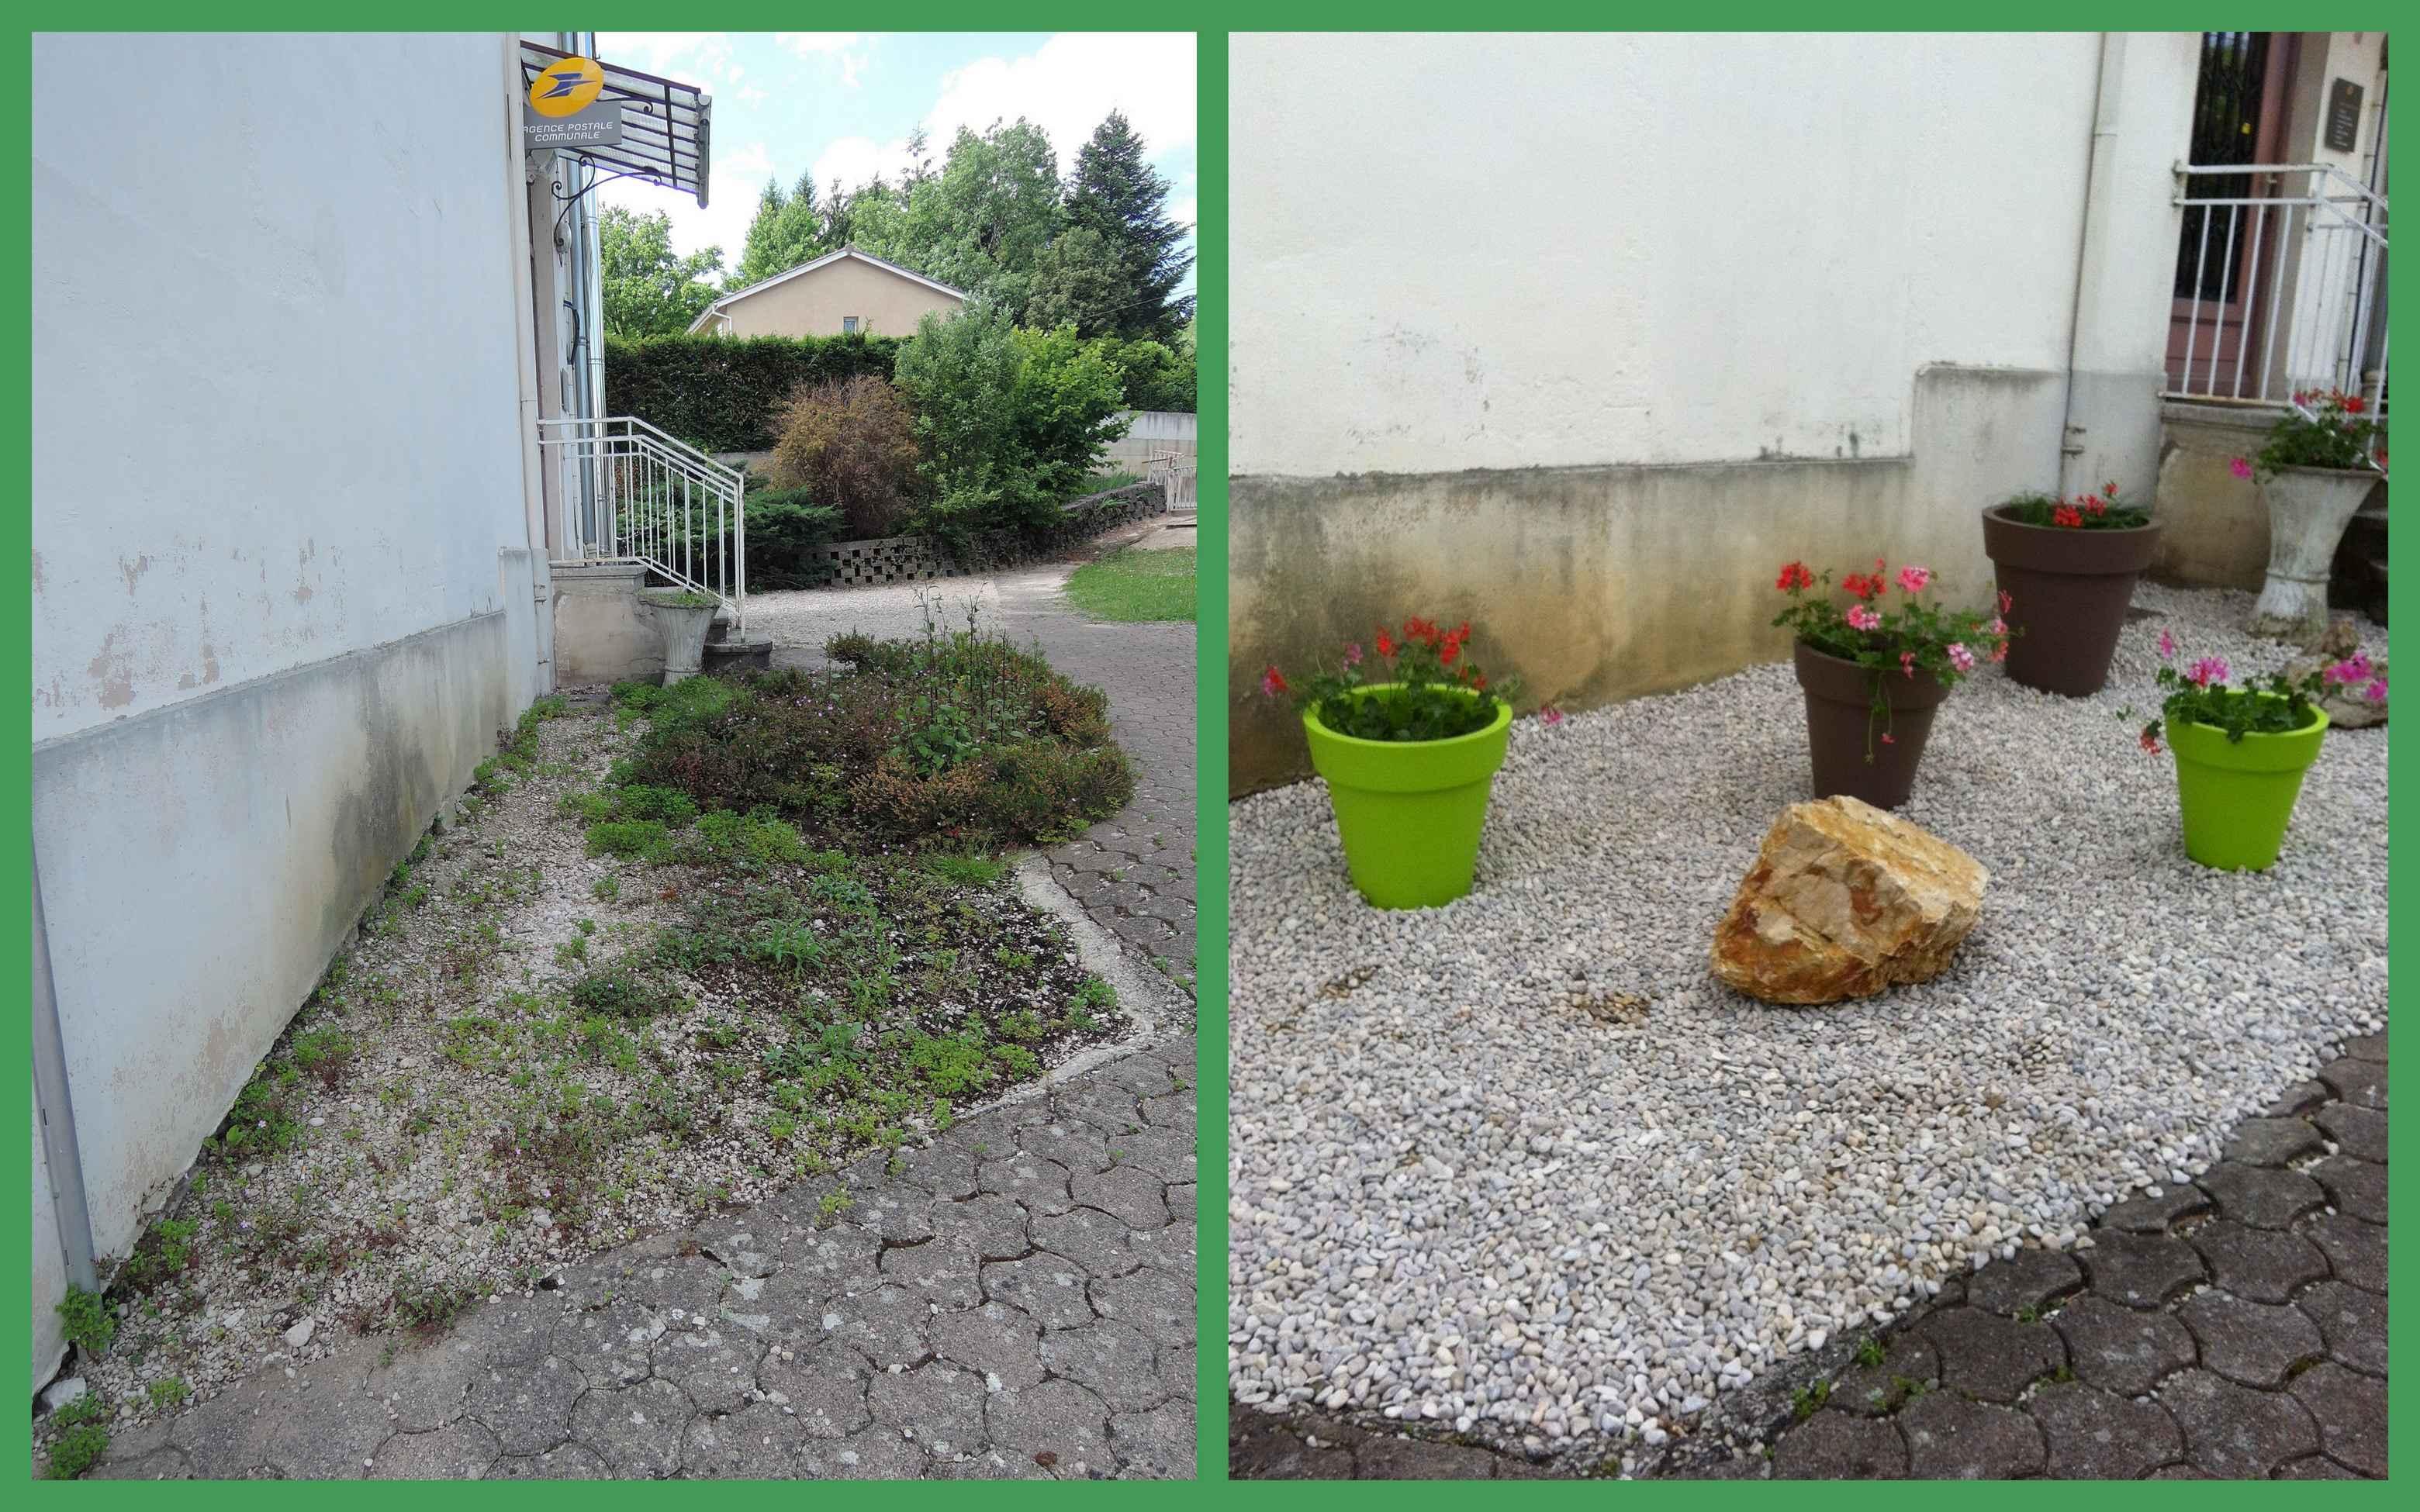 Plantation des fleurs en mairie for Plantation de fleurs